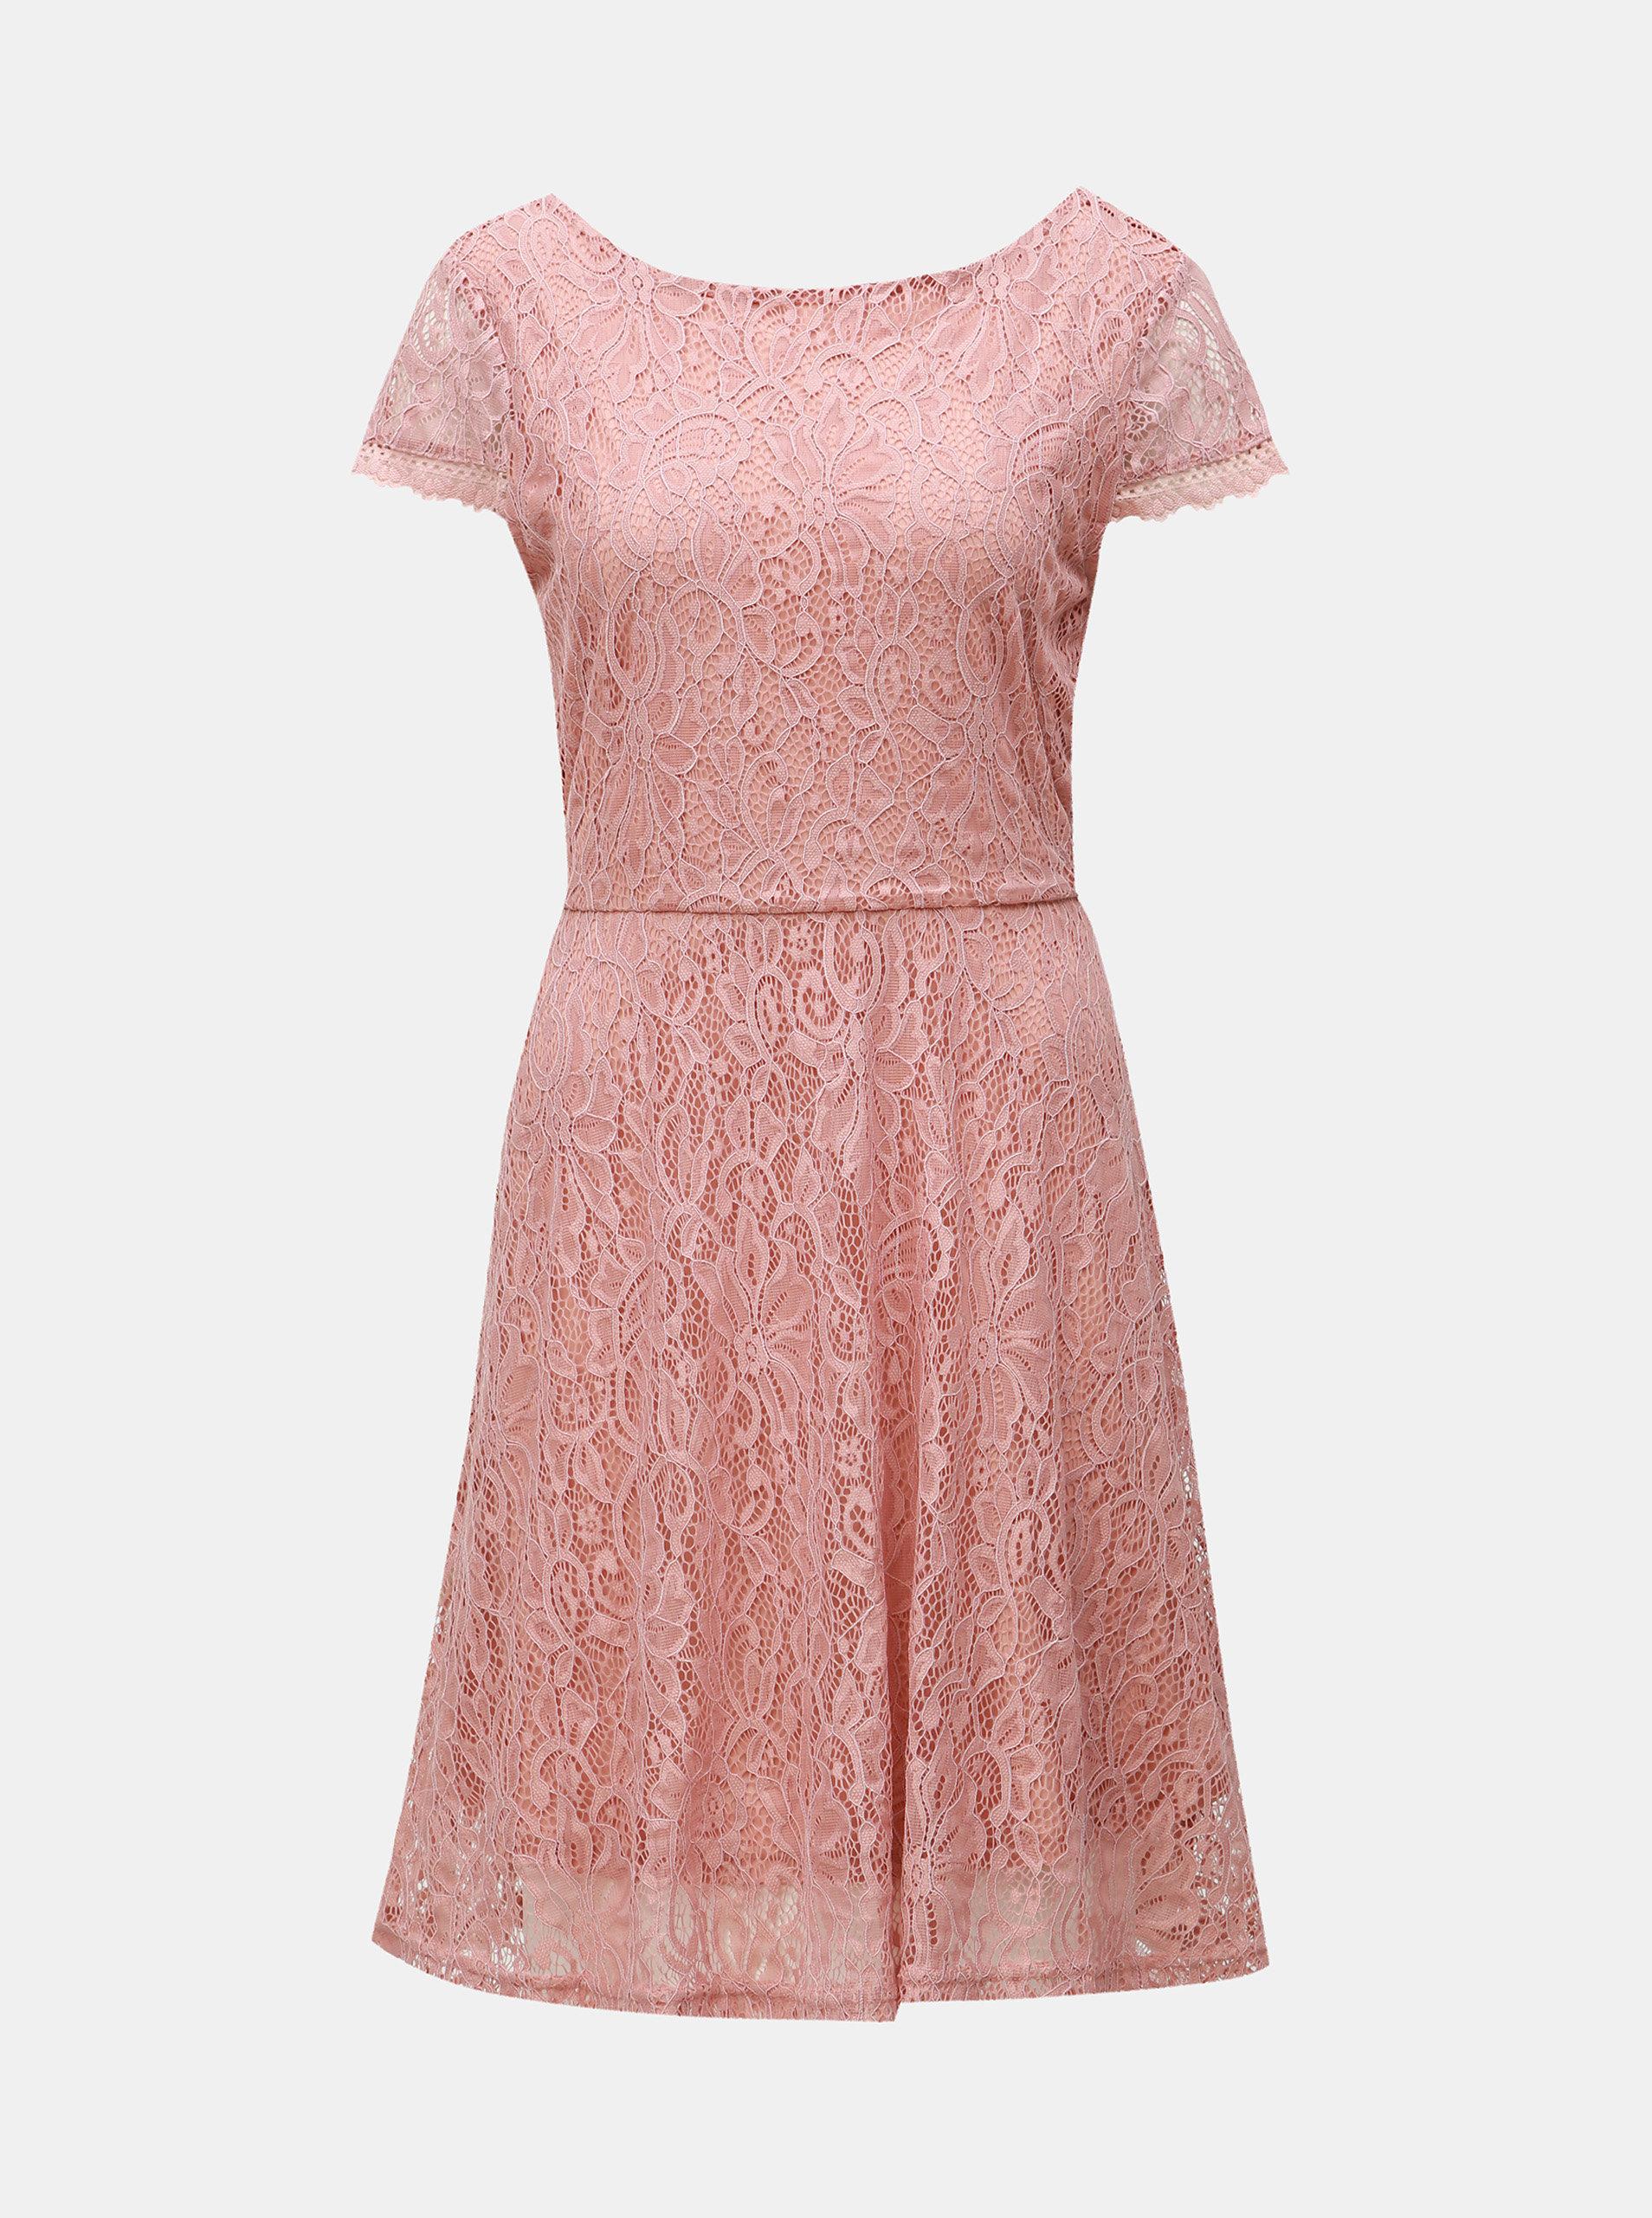 db93f65139c6 Staroružové čipkované šaty VERO MODA Sassa ...